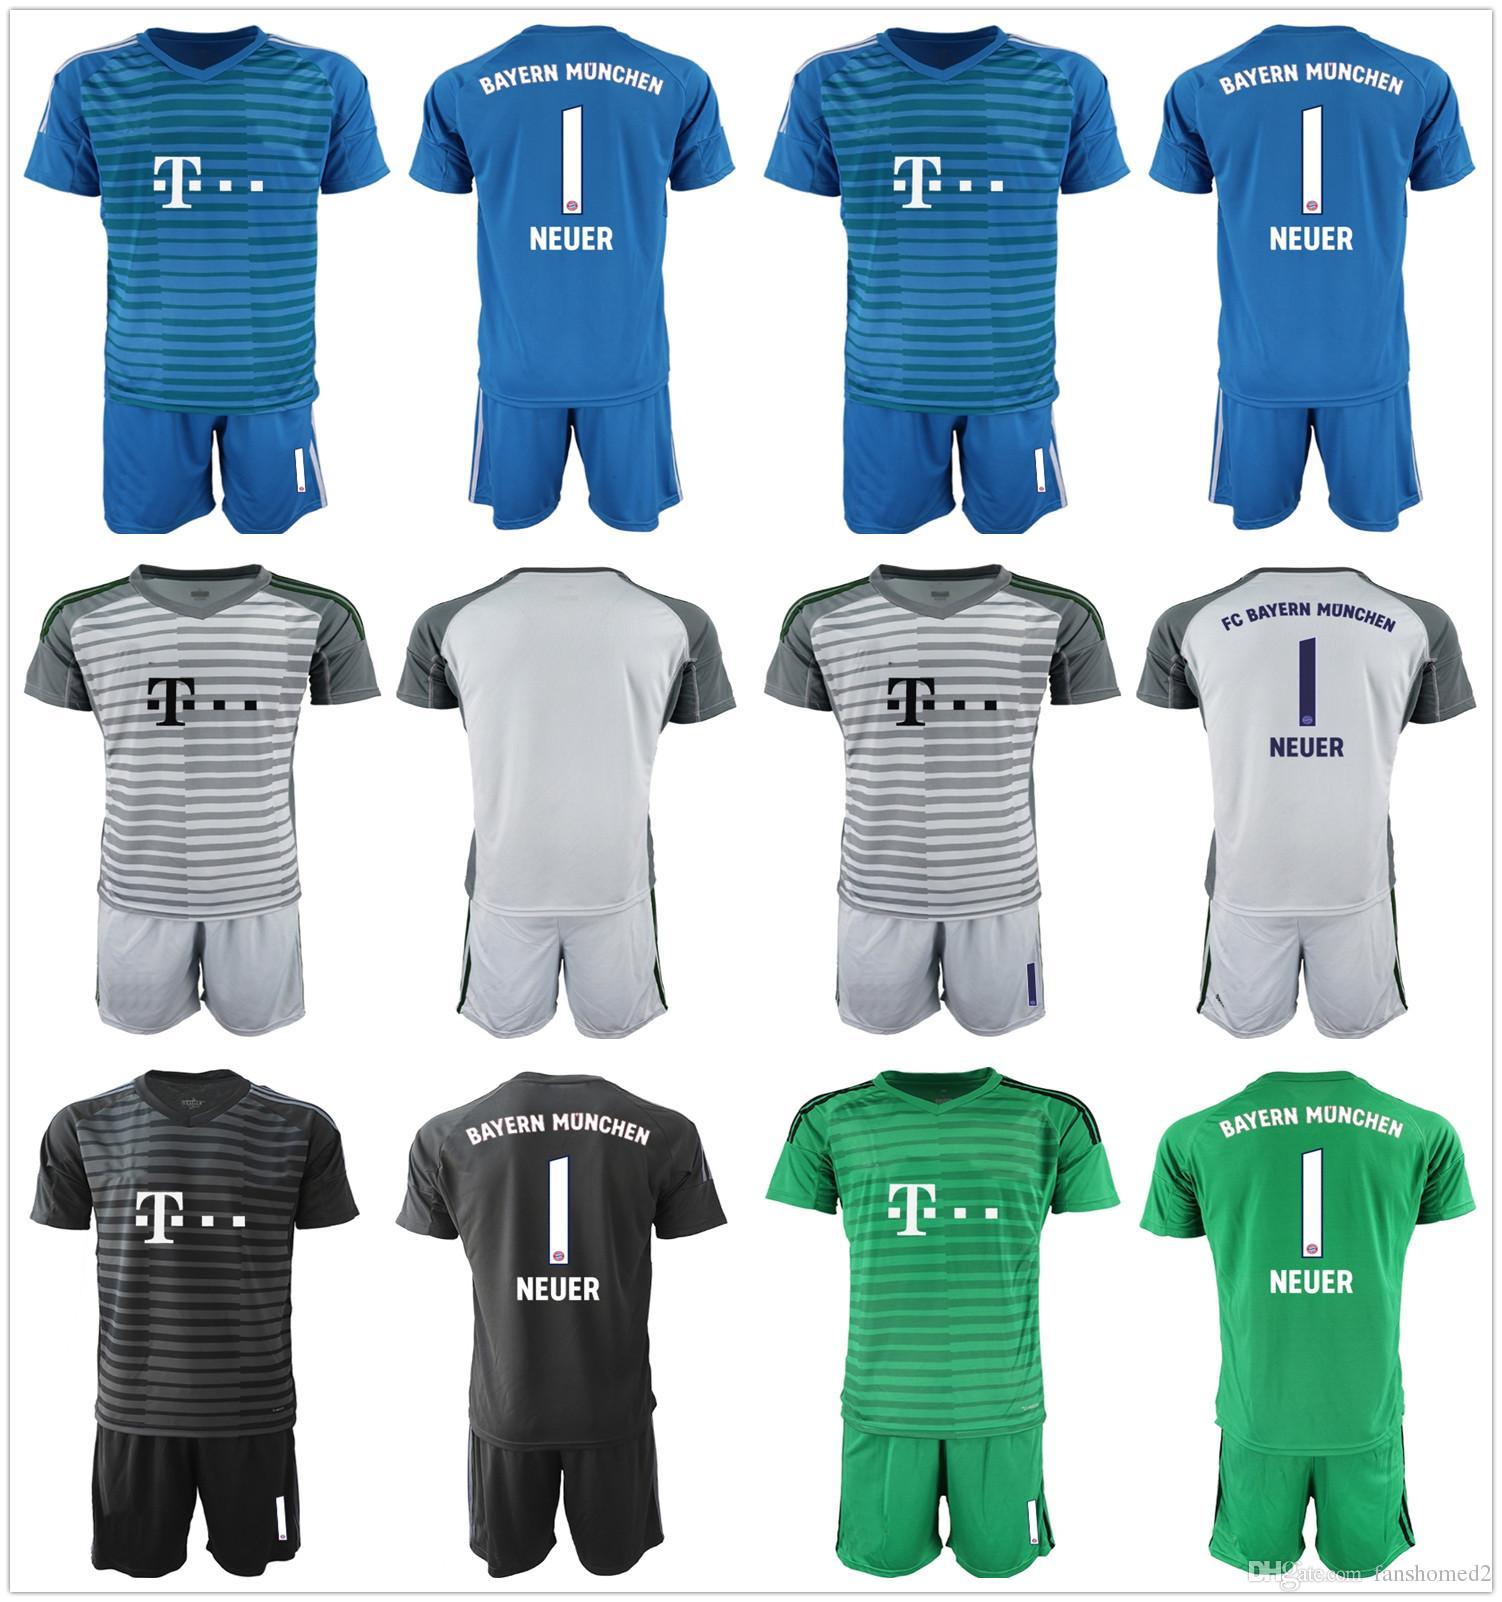 d84cb09b ... 50% off best quality 2018 2019 adults neuer goalkeeer soccer sets  manuel neuer jerseys lewandowski